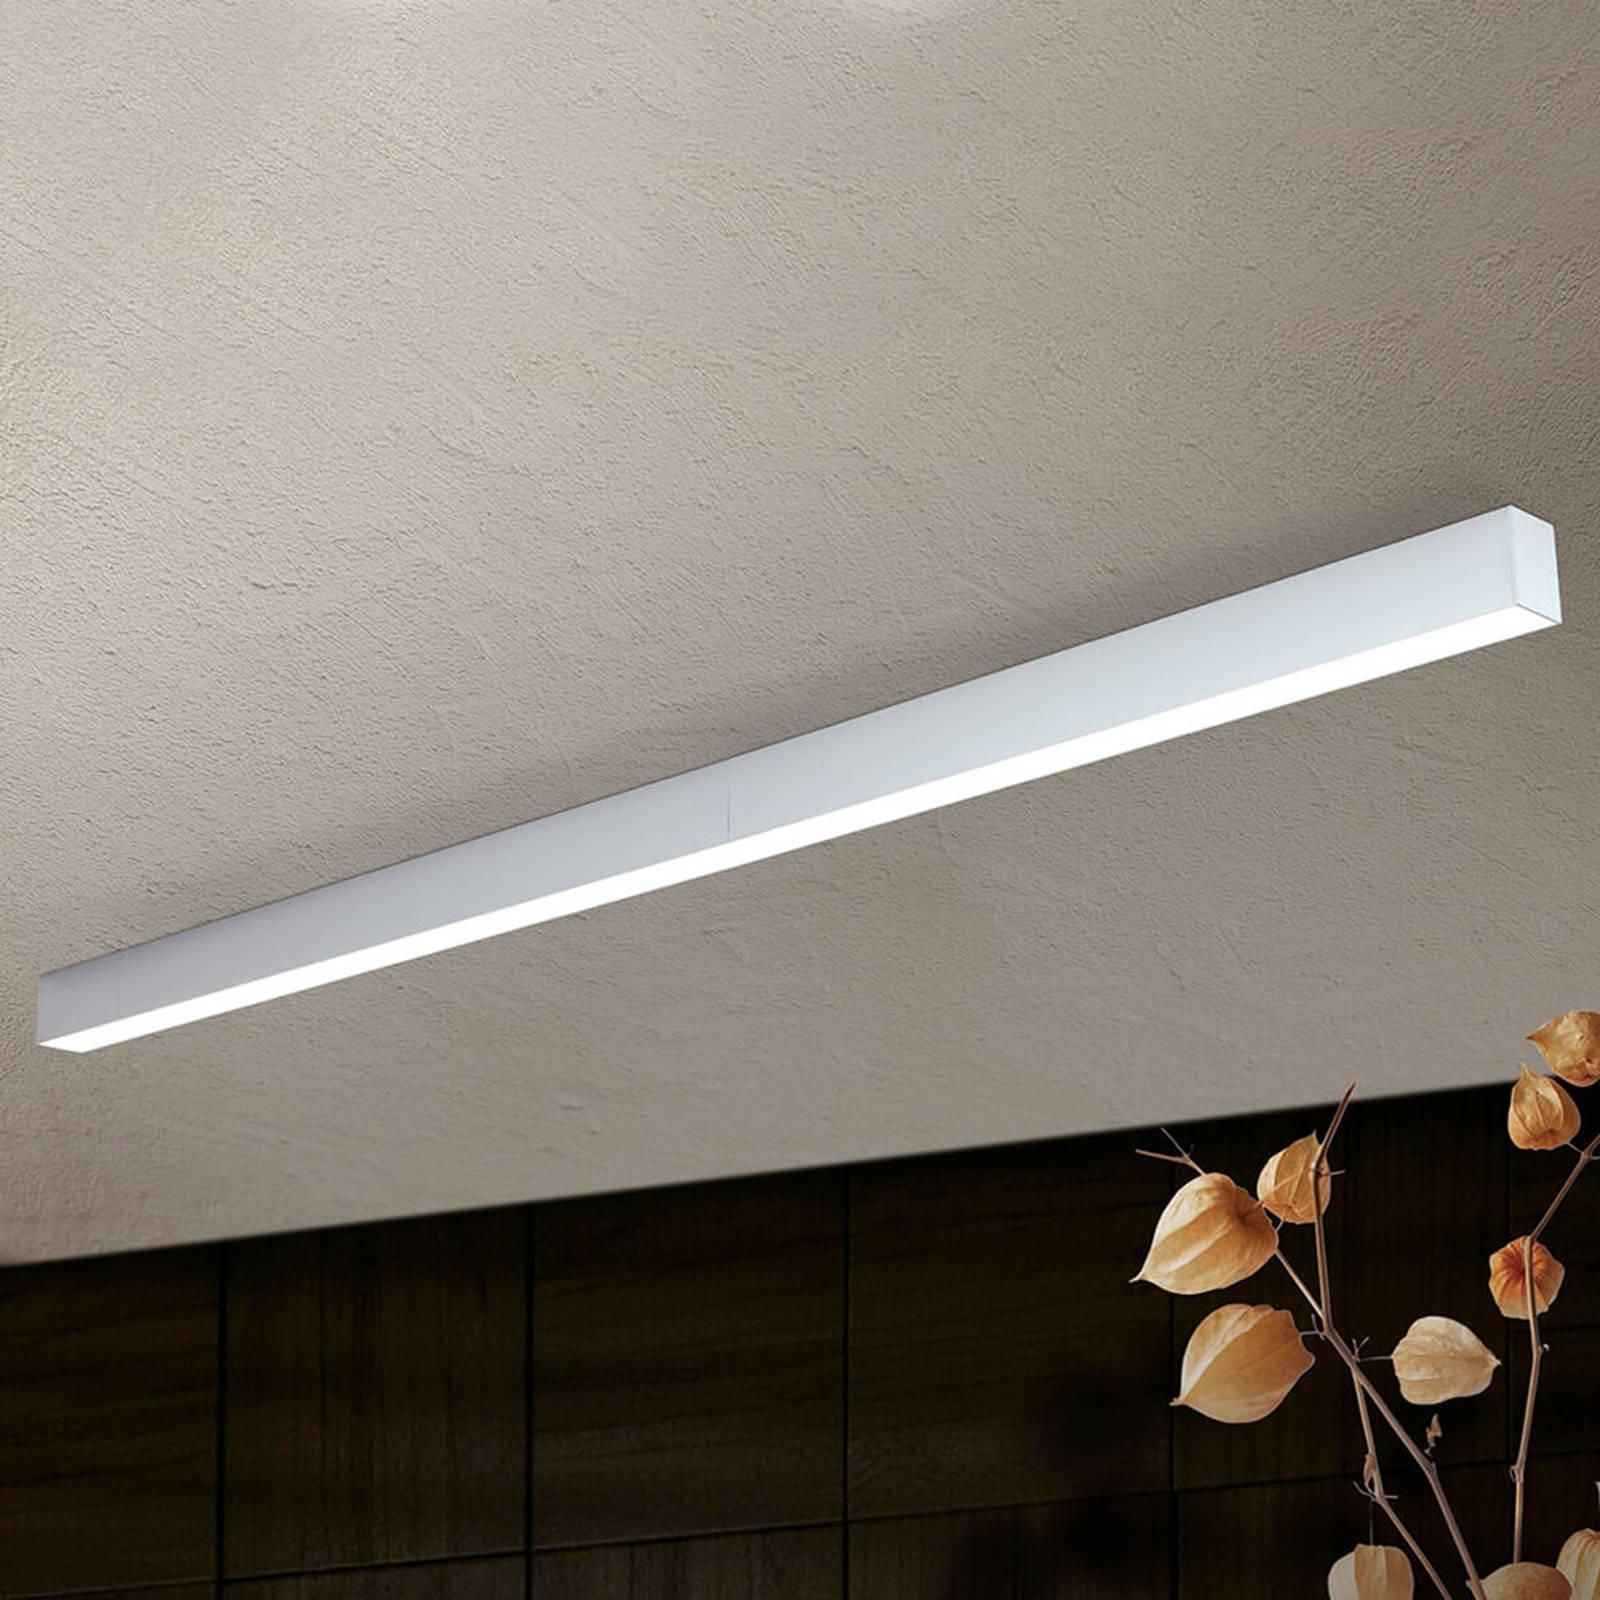 LED-taklampe Sando med opphengssett - 114 cm